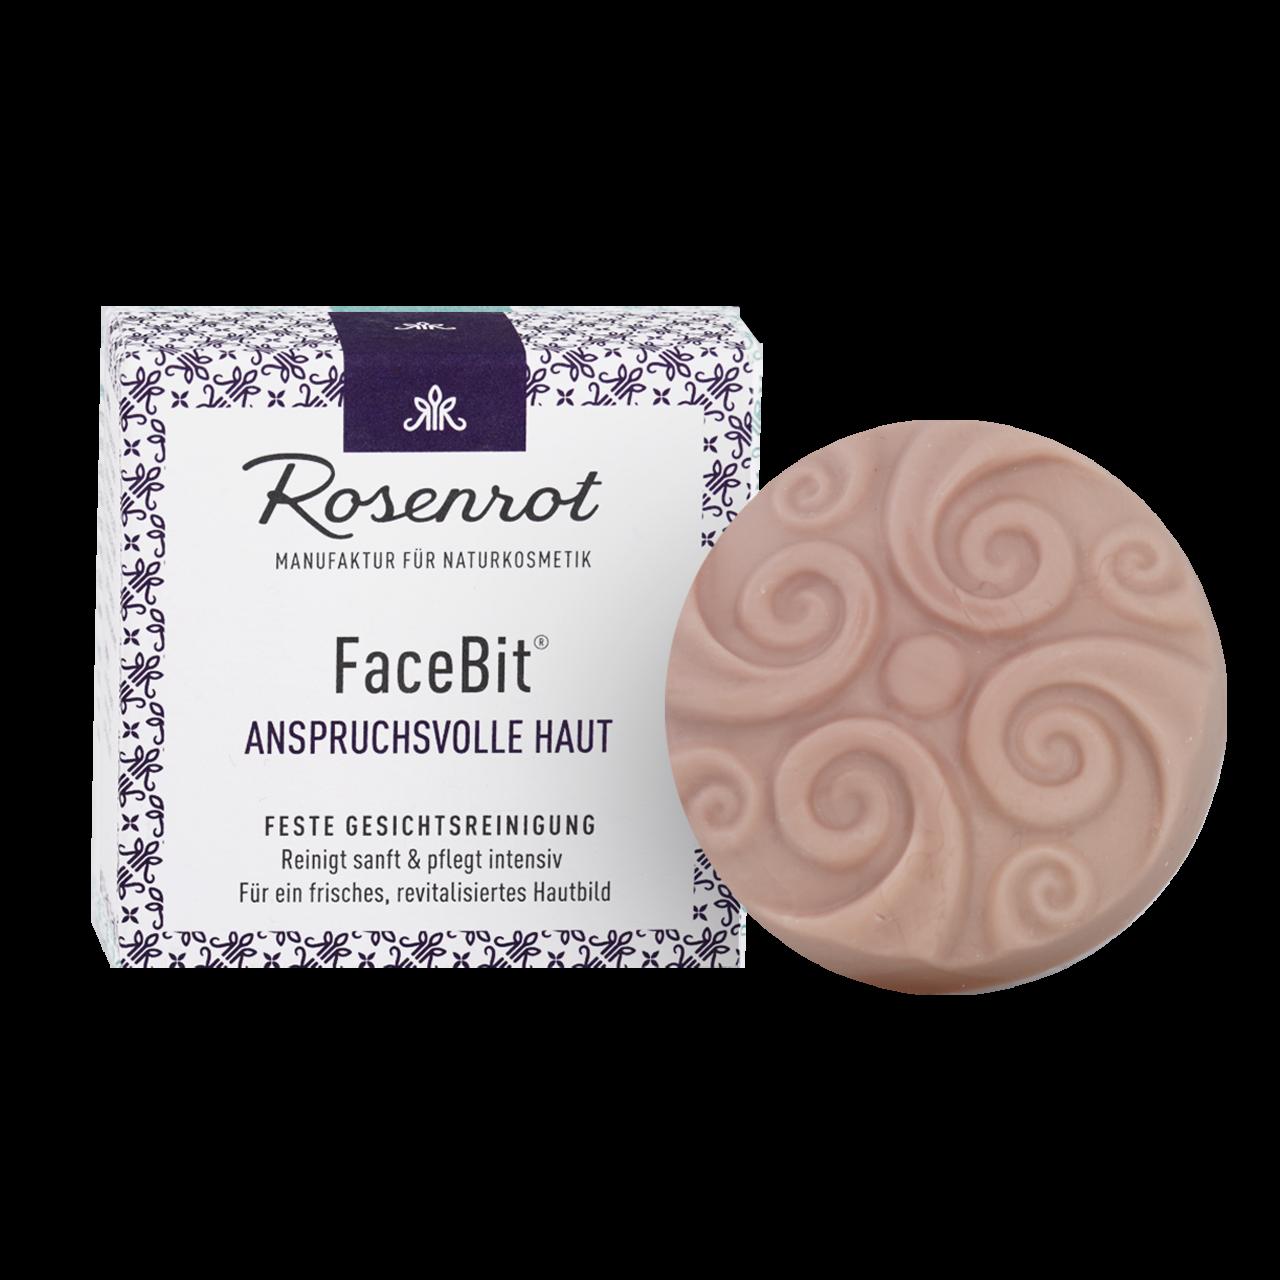 FaceBit® - festes Waschgel - Anspruchsvolle Haut